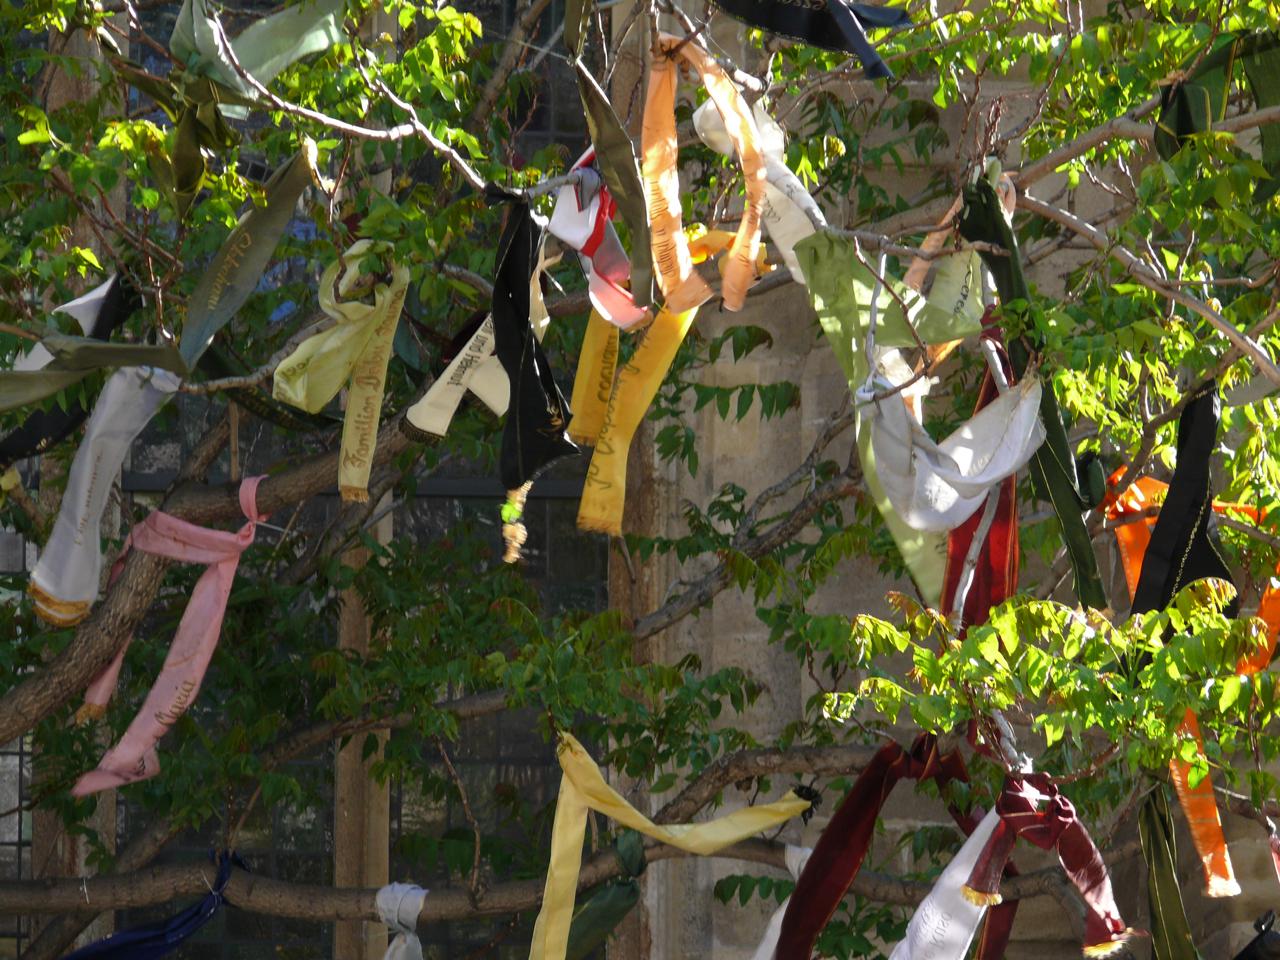 300 Grabschleifen im 29 m hohen Götterbaum